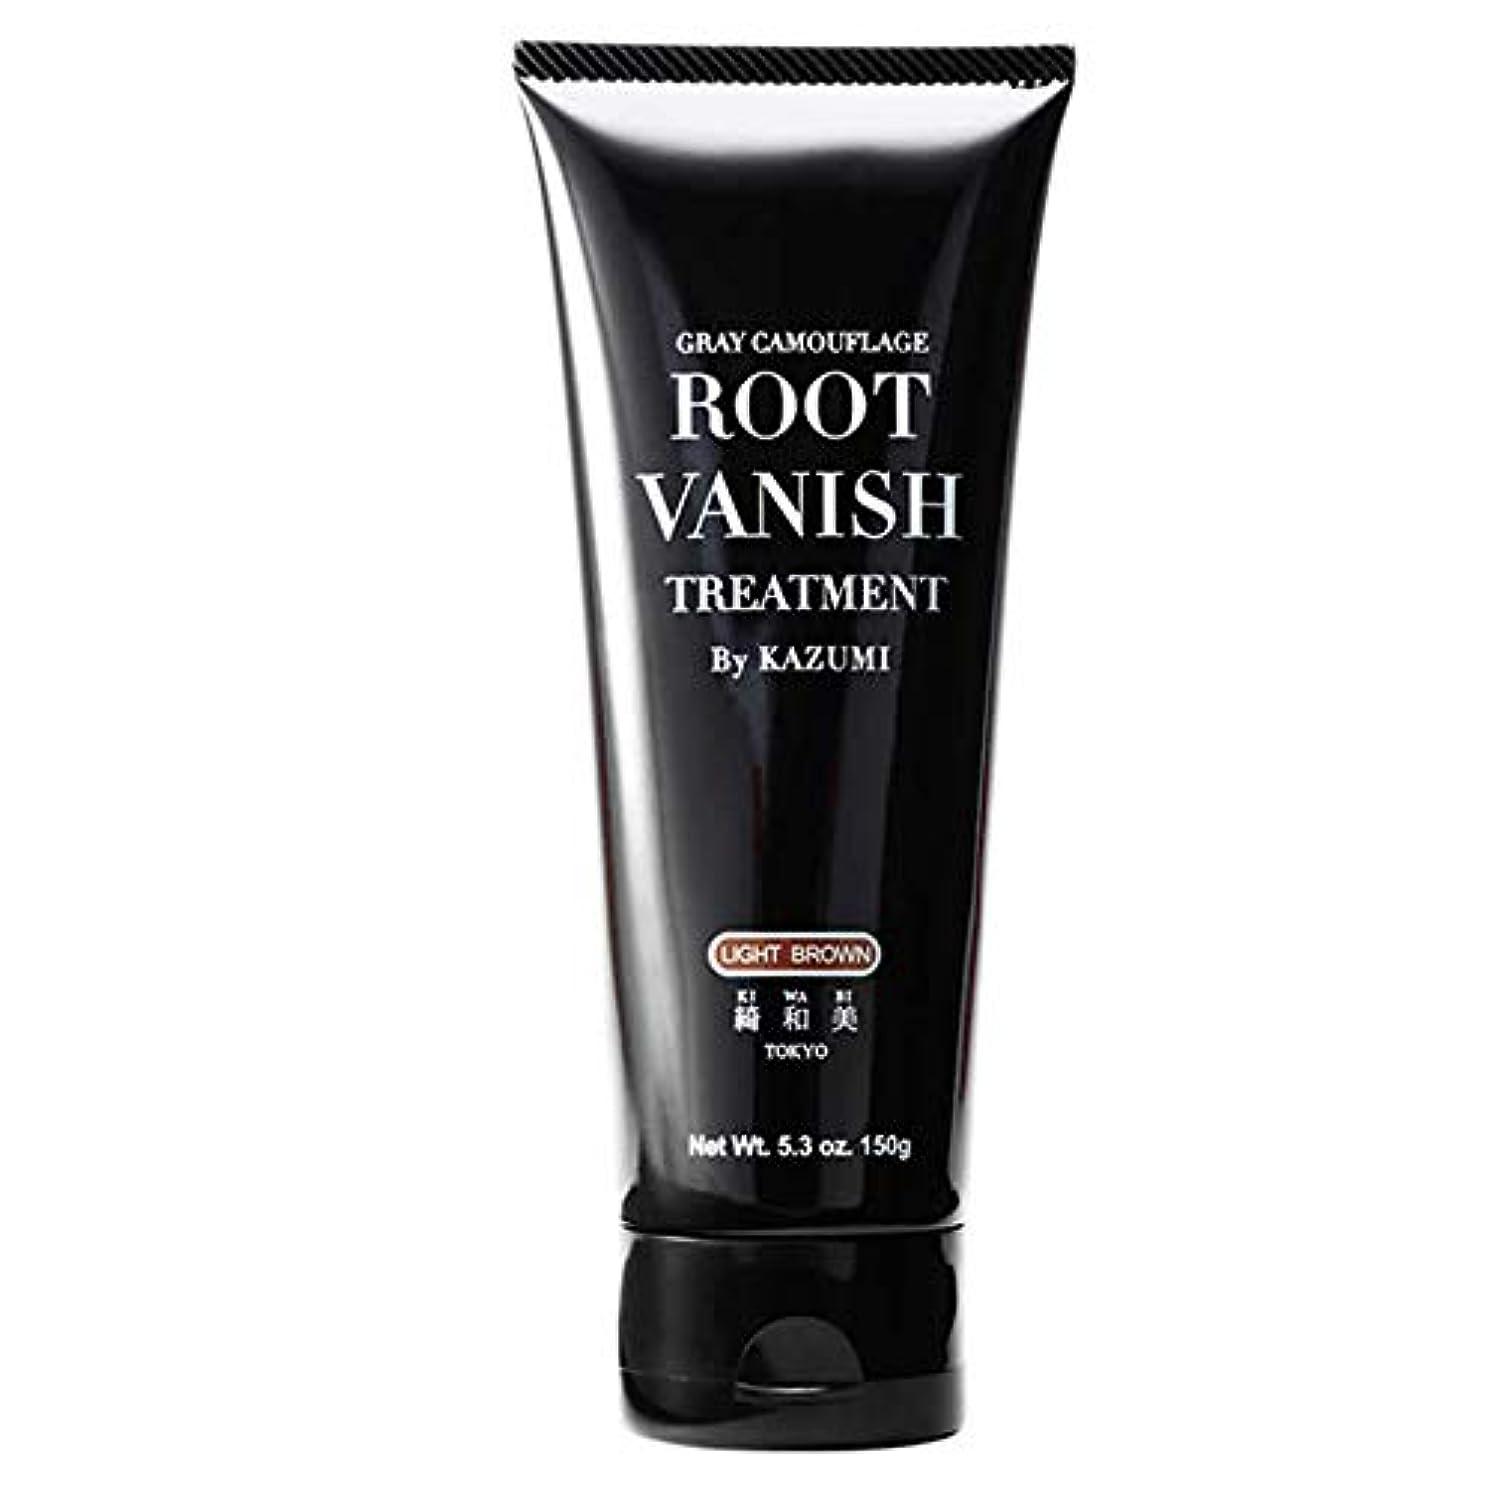 非効率的な国勢調査効率的Root Vanish 白髪染め (ライトブラウン) ヘアカラートリートメント 女性用 [100%天然成分 / 無添加22種類の植物エキス配合]